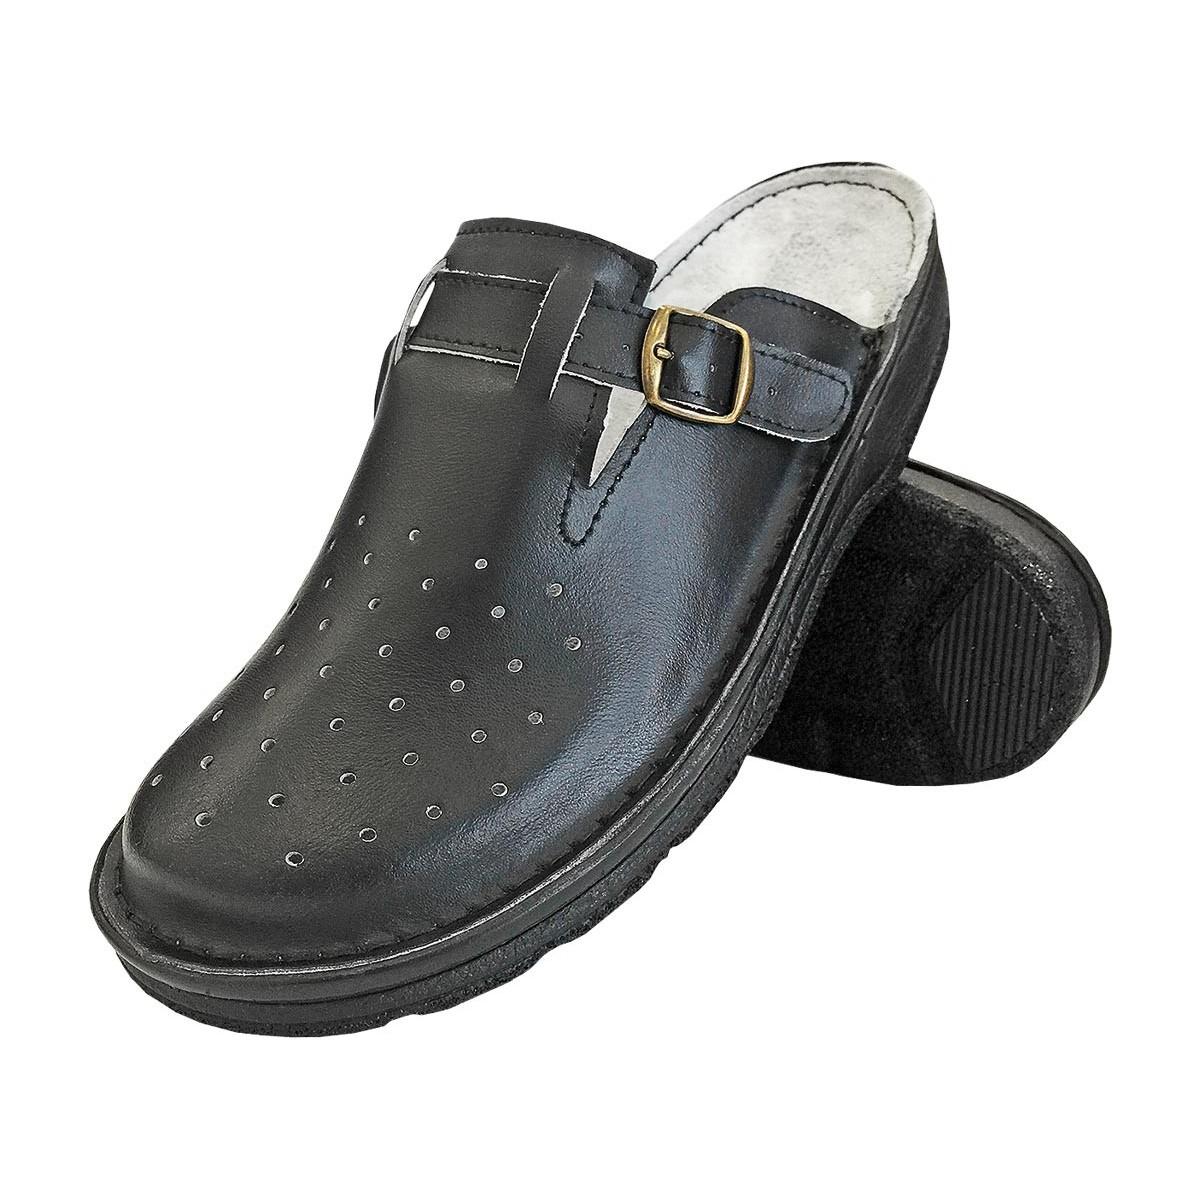 Buty klapki ortopedyczne REIS BMRKLADZ czarne r. 40 - 47